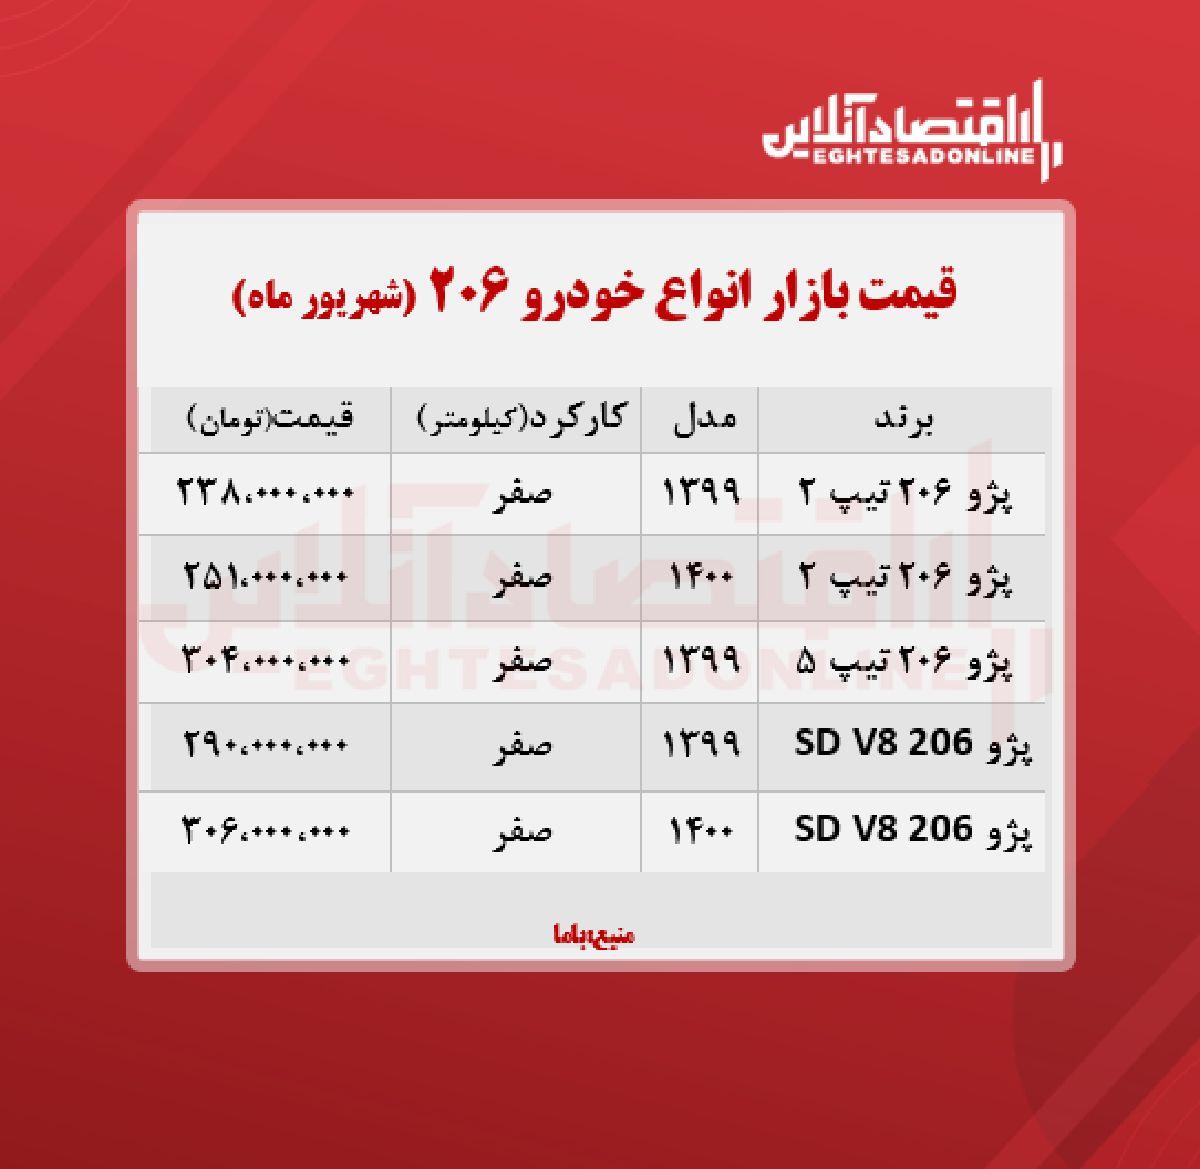 قیمت انواع ۲۰۶ در تهران + جدول